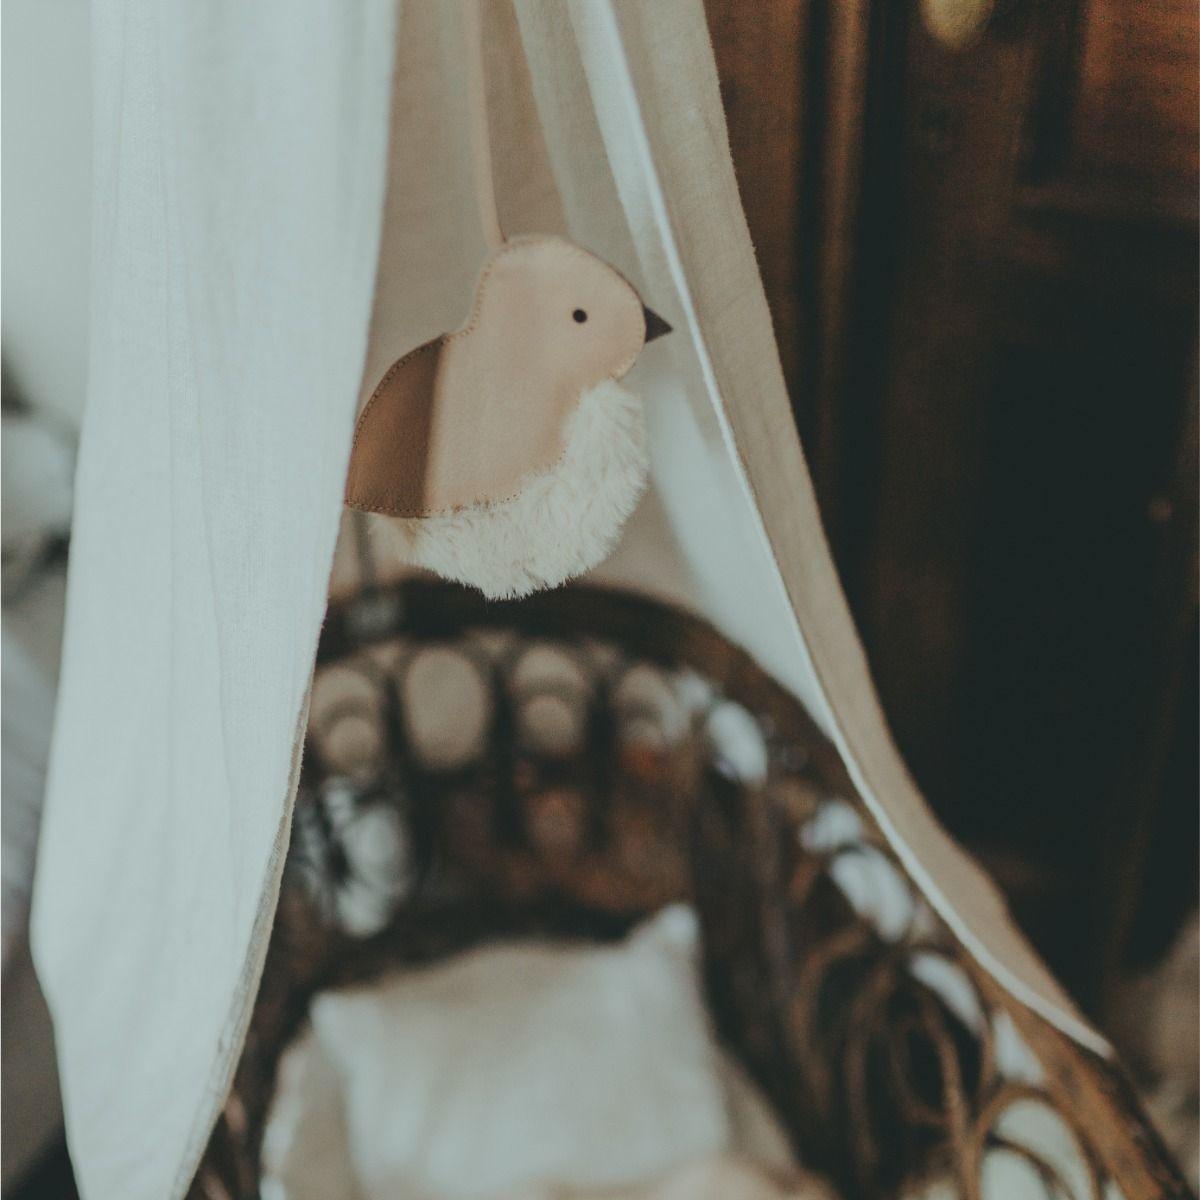 Lappy Cradle Hanger | Tweet